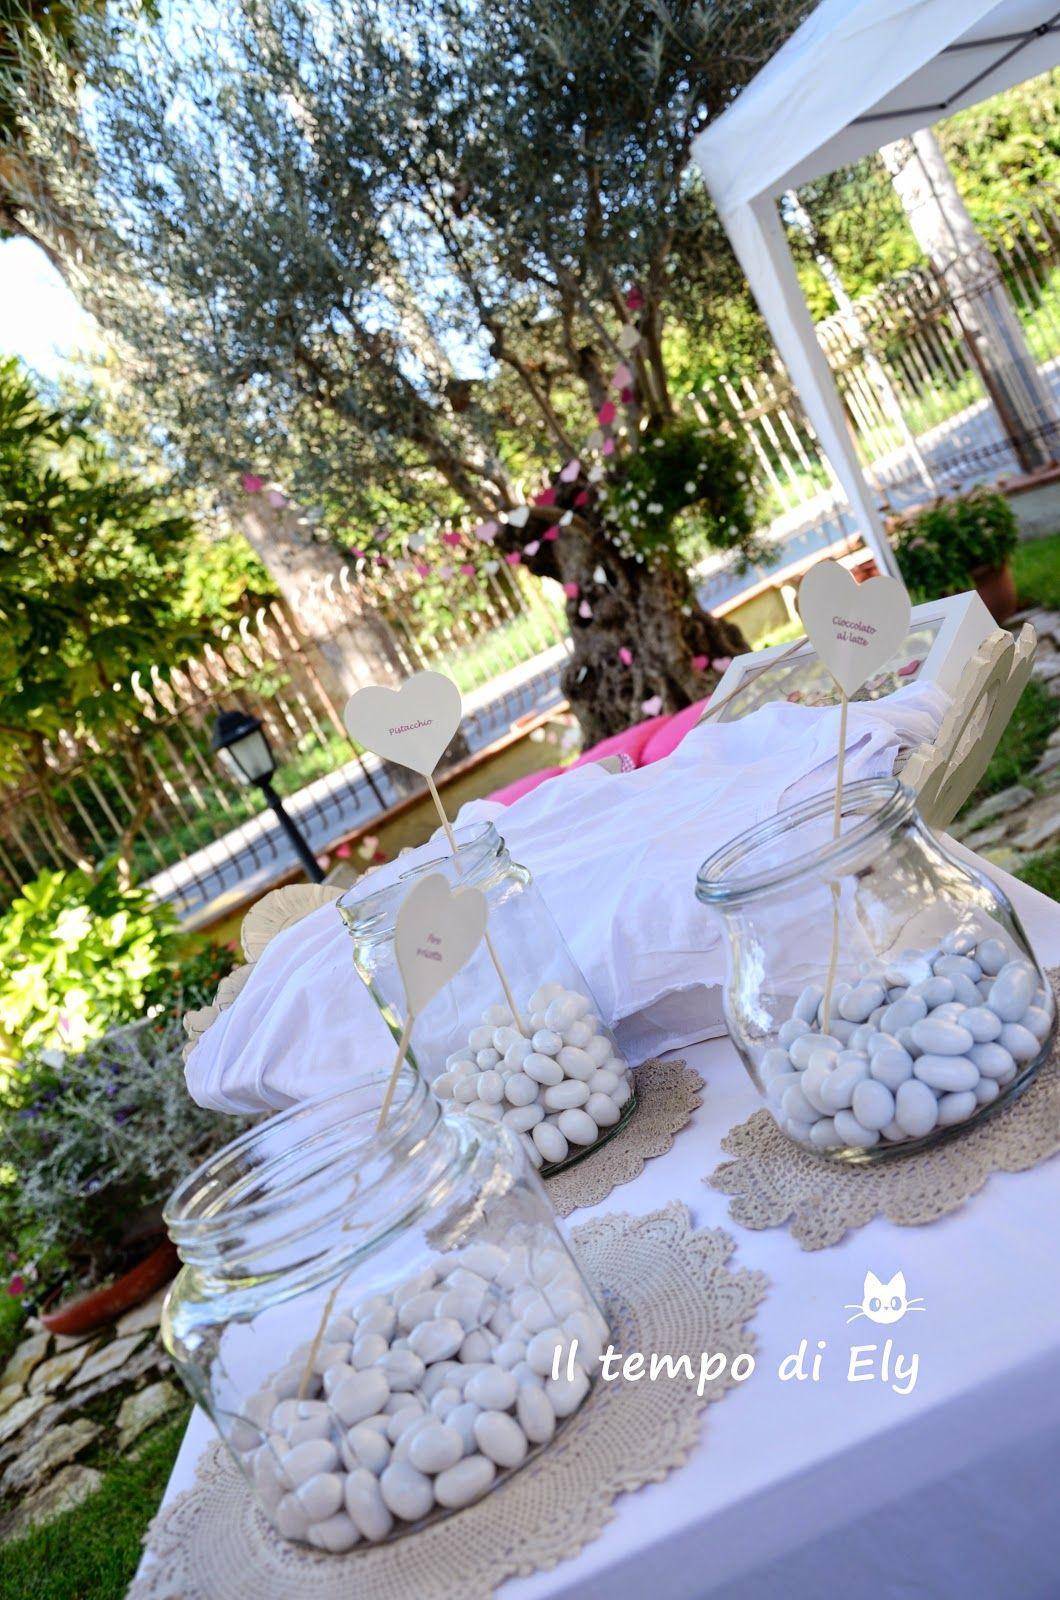 Battesimo anita cuori di carta per allestimento buffet e giardino il tempo di ely feste e - Allestimento giardino ...